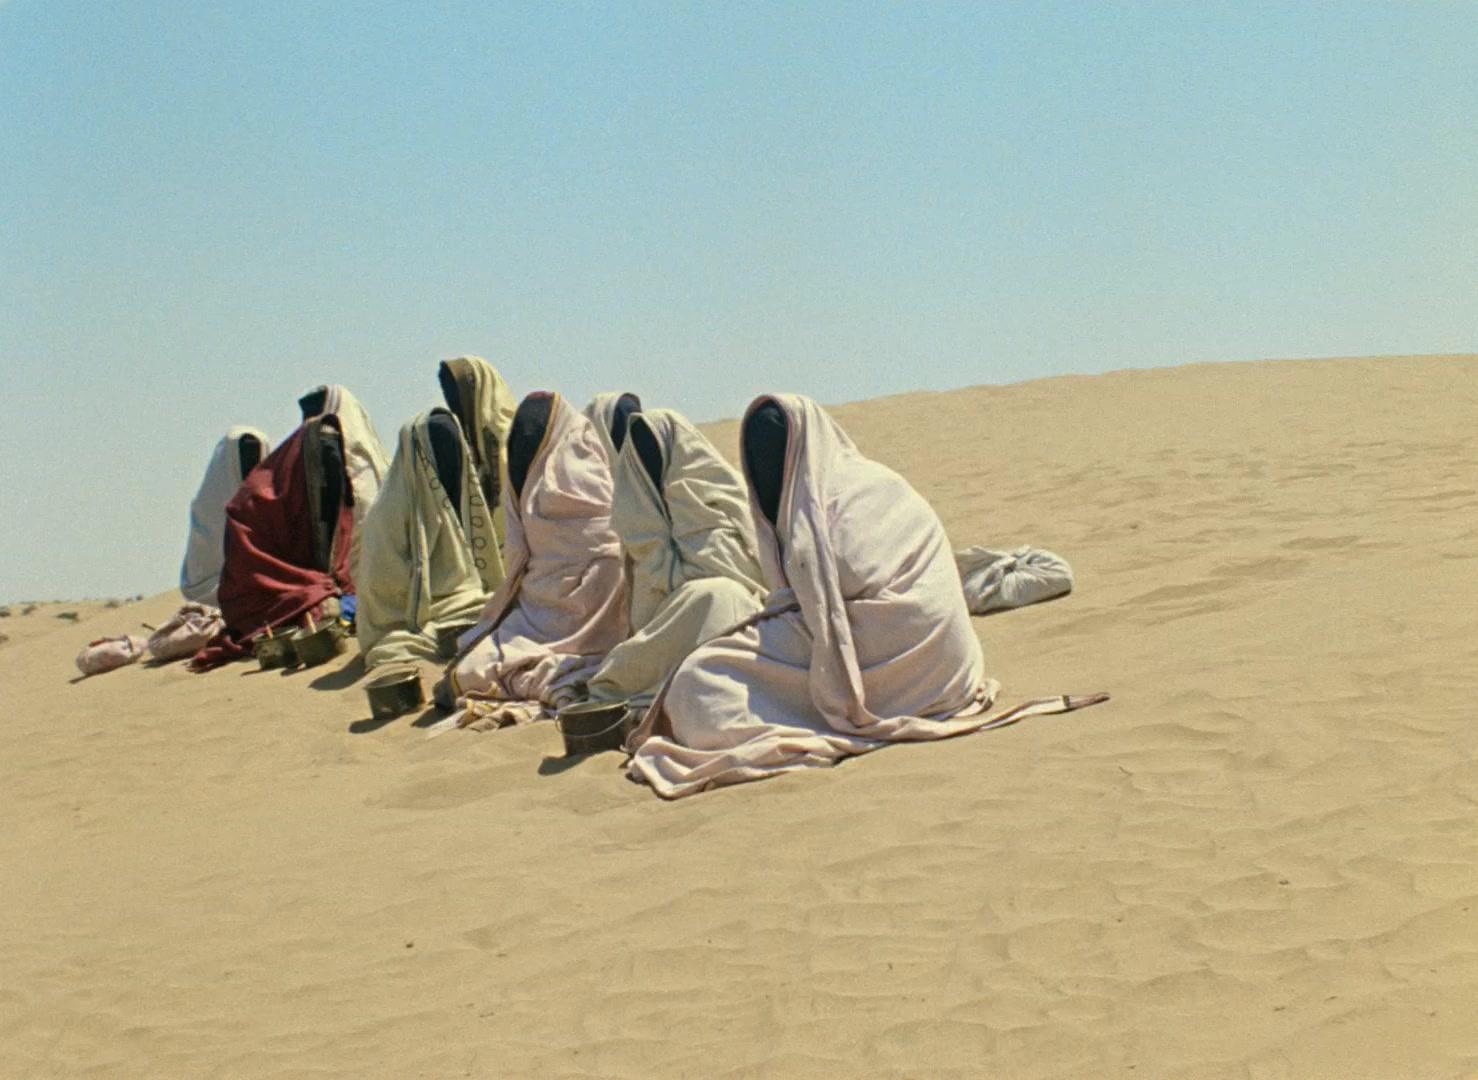 White.Sun.Of.The.Desert.1969.1080p.Blu-Ray.FLAC.DTS.mkv_20140324_084948.645.jpg